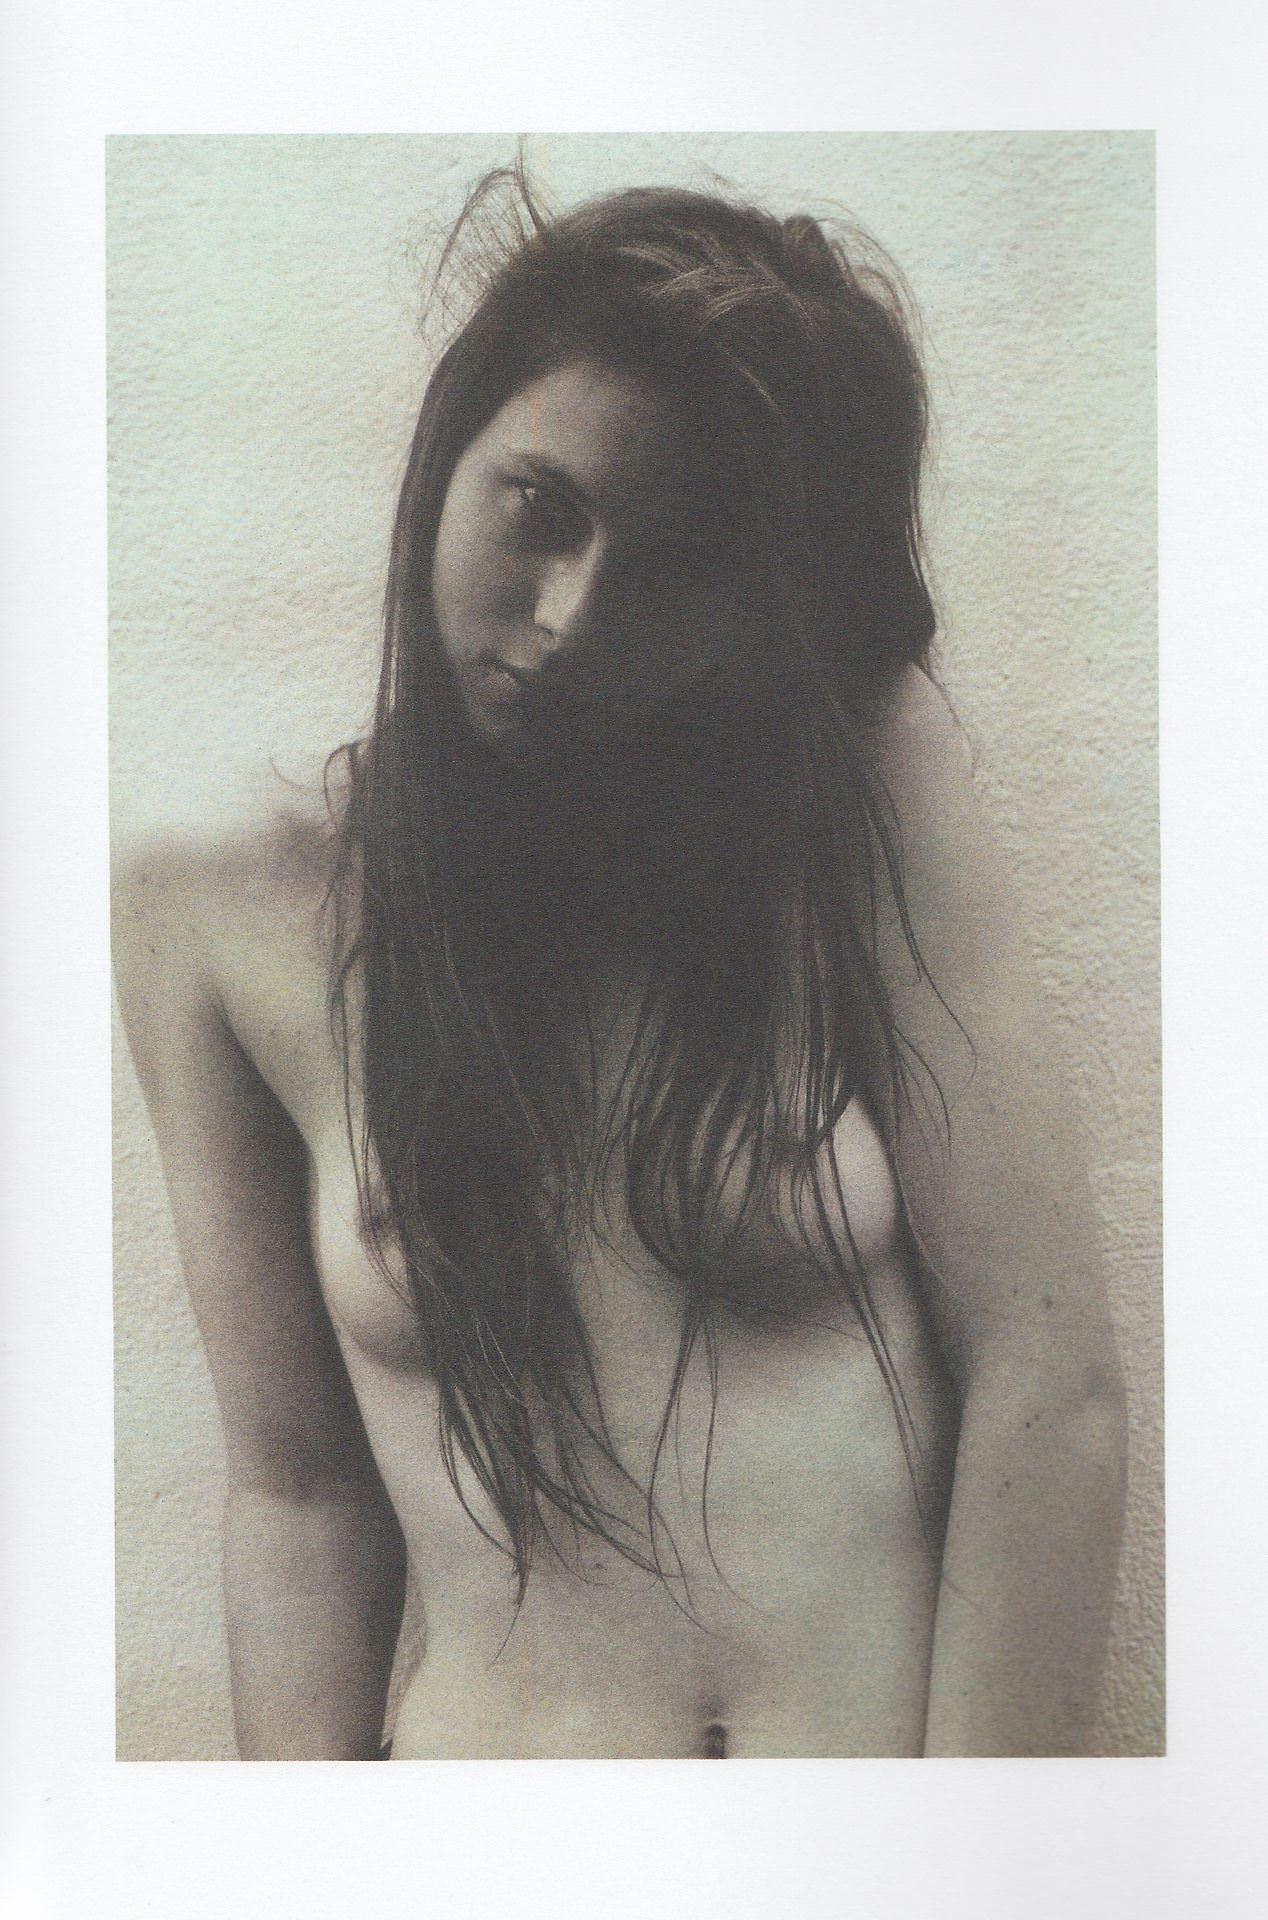 【外人】女の感情を表現しているアート系ヌードポルノ画像 2972